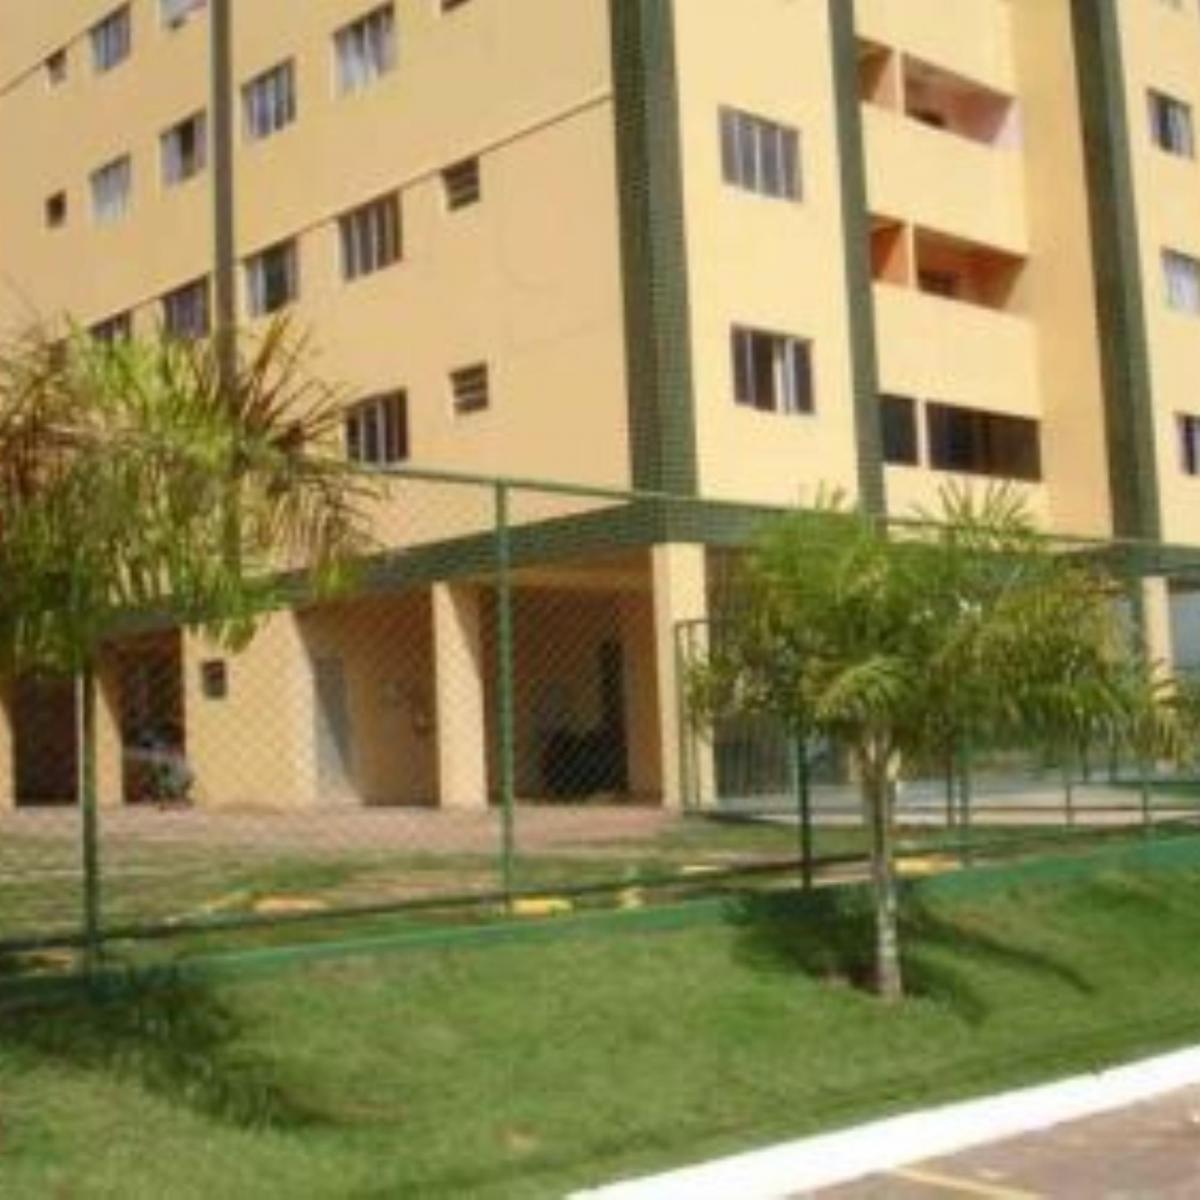 Imagens de #AB8420 Apartamento para aluguel com 2 Quartos Aguas Claras Norte Águas  1200x1200 px 3552 Blindex Banheiro Df